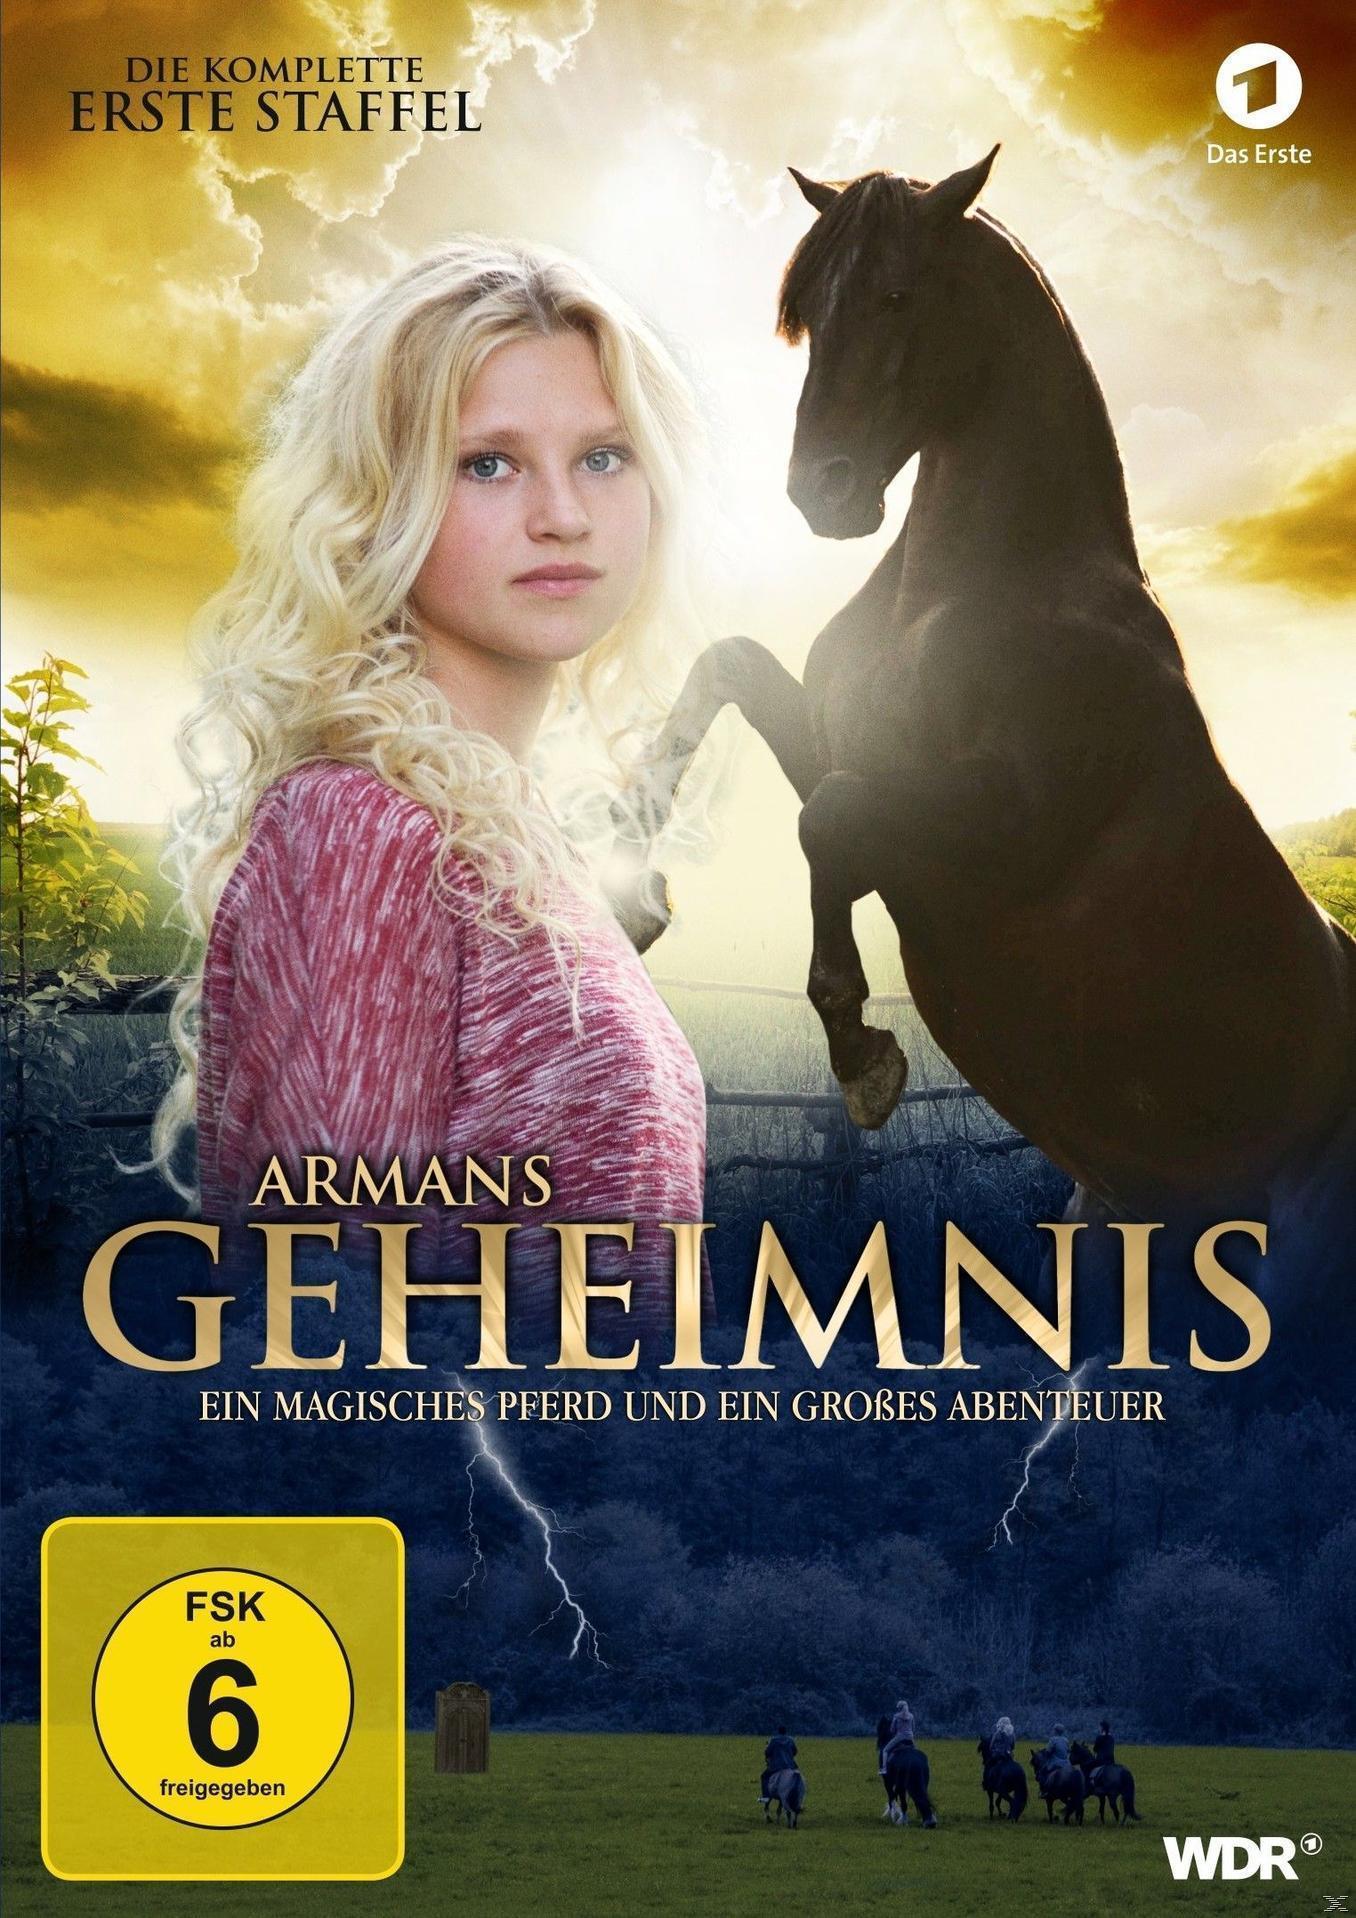 Armans Geheimnis - Die komplette erste Staffel - 2 Disc DVD (DVD) für 19,99 Euro